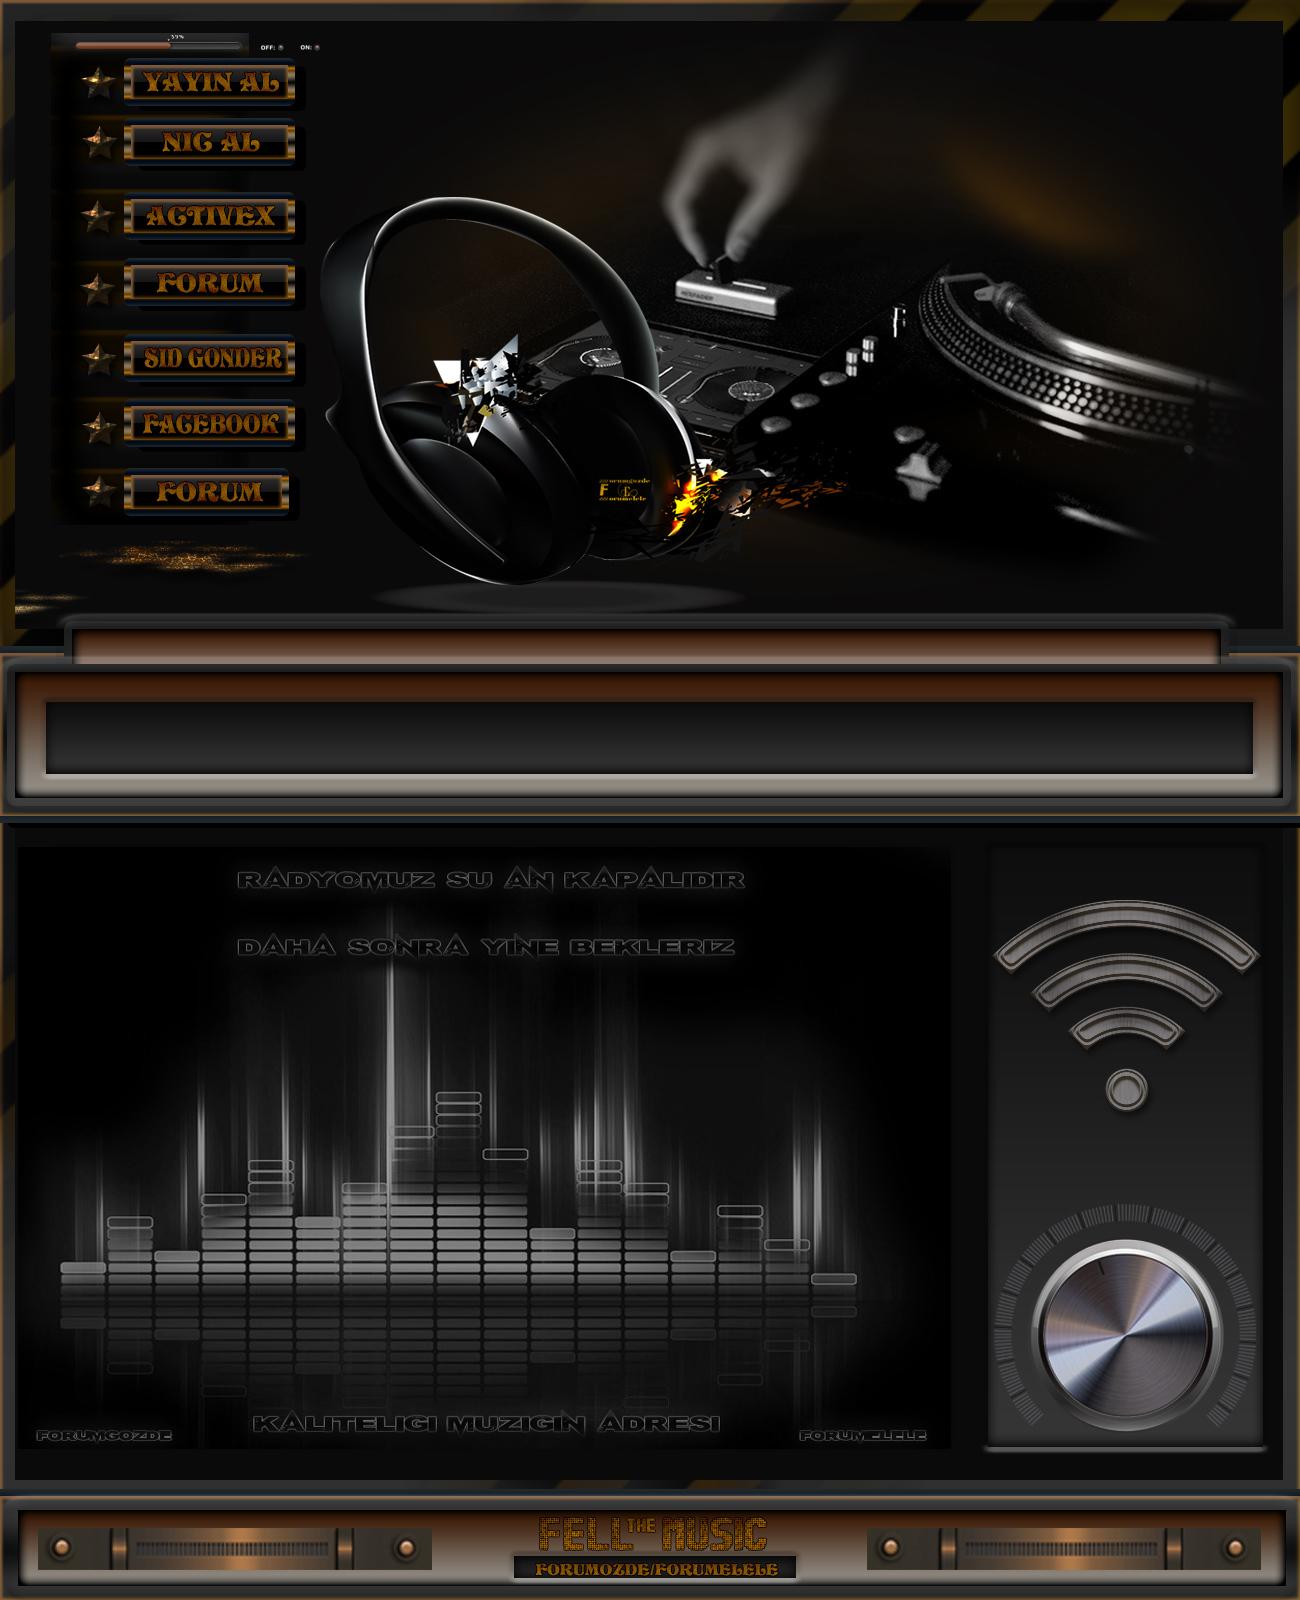 Flatcast,radyolariniz,icin,Elfida,tarafindan,hazirlanmis,900-600,fell,the,music,index-Forumelele